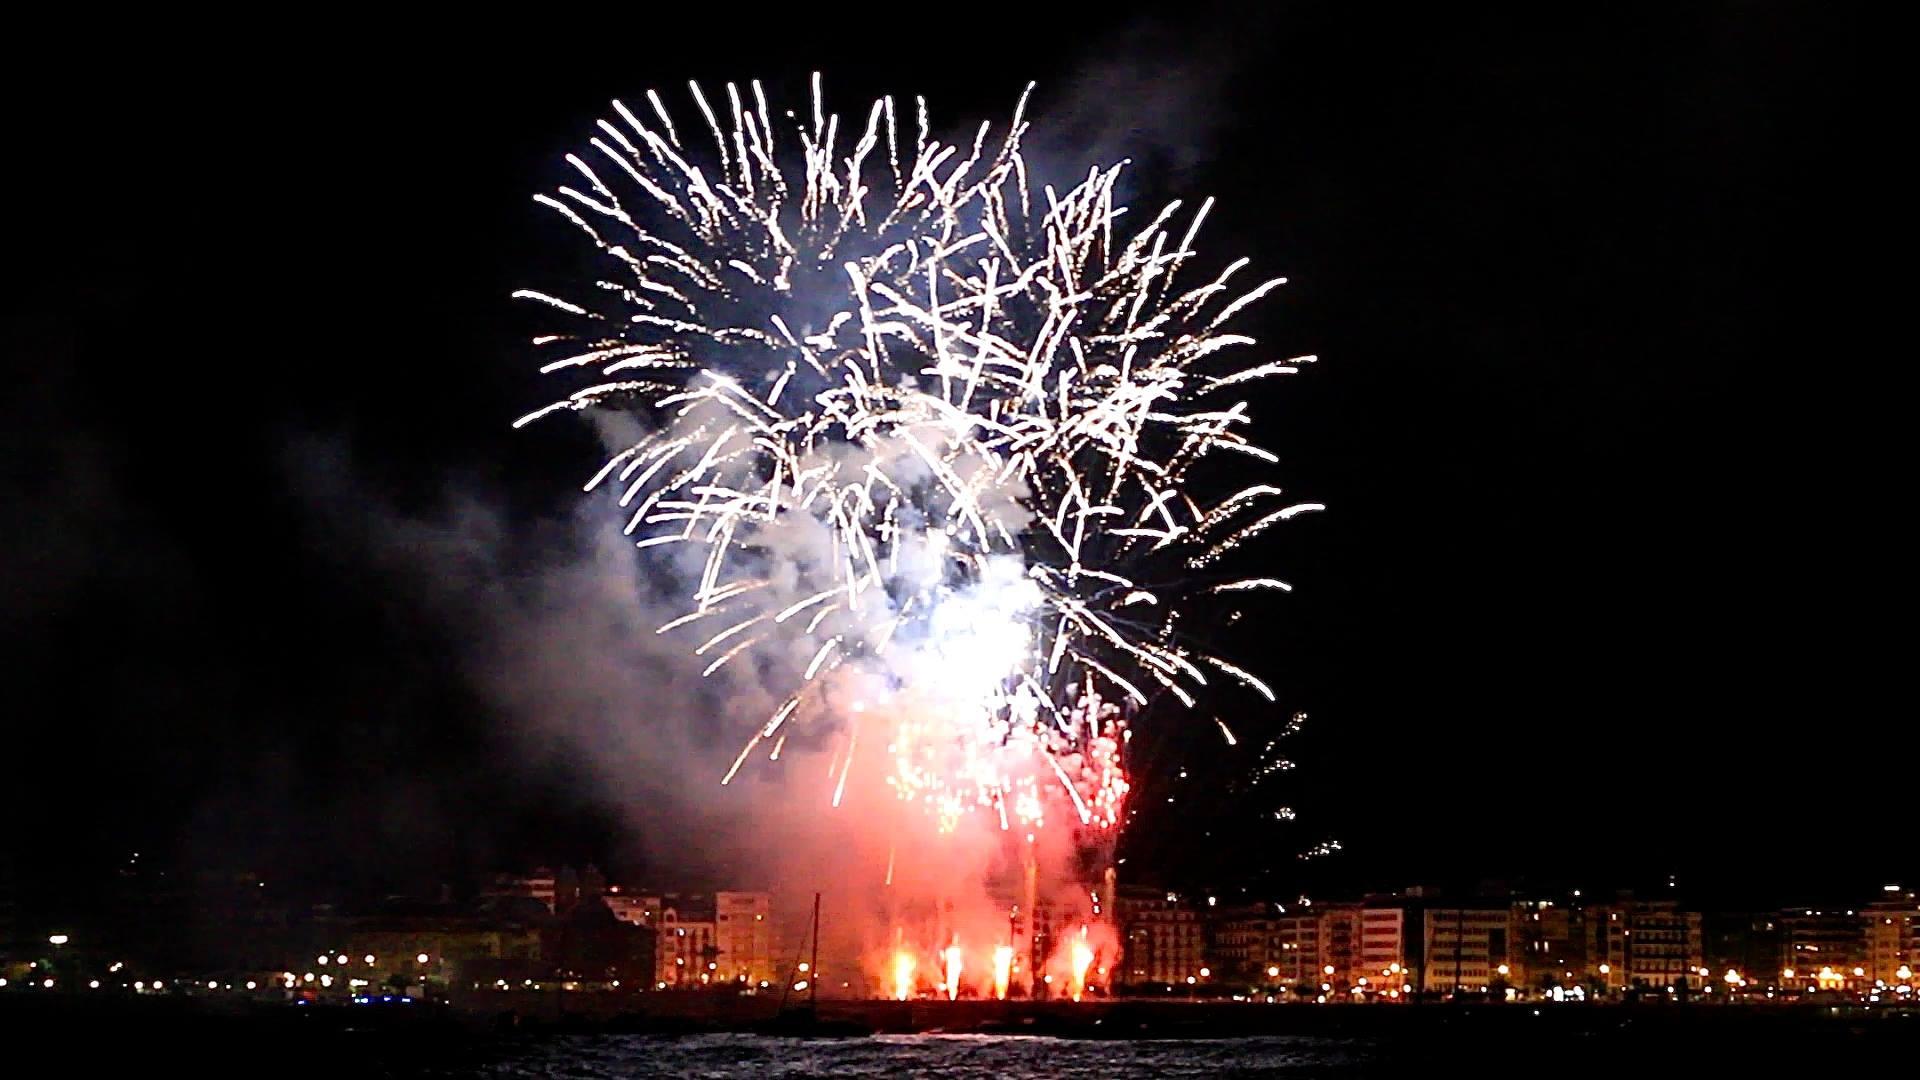 fetes-de-san-sebastian-feux d'artifice-semana-grande-saint-sebastien-tapas-le-cercle-evenements